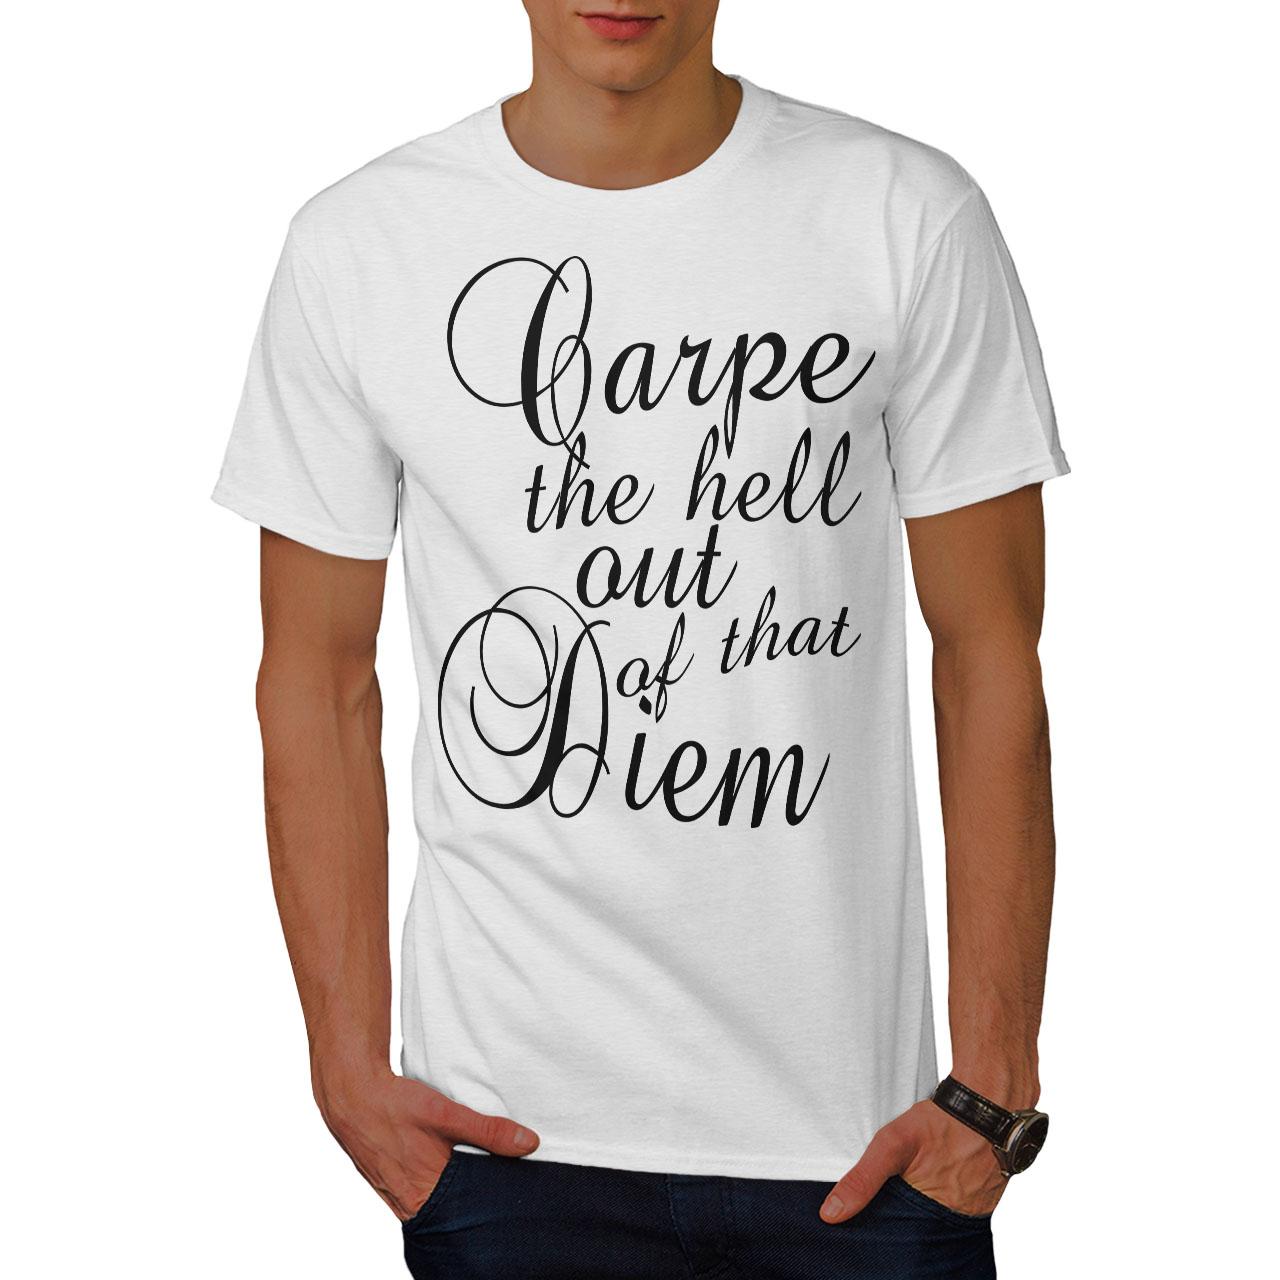 Wellcoda-Carpe-Diem-Herren-T-Shirt-hasse-Zitat-Grafikdesign-Printed-Tee